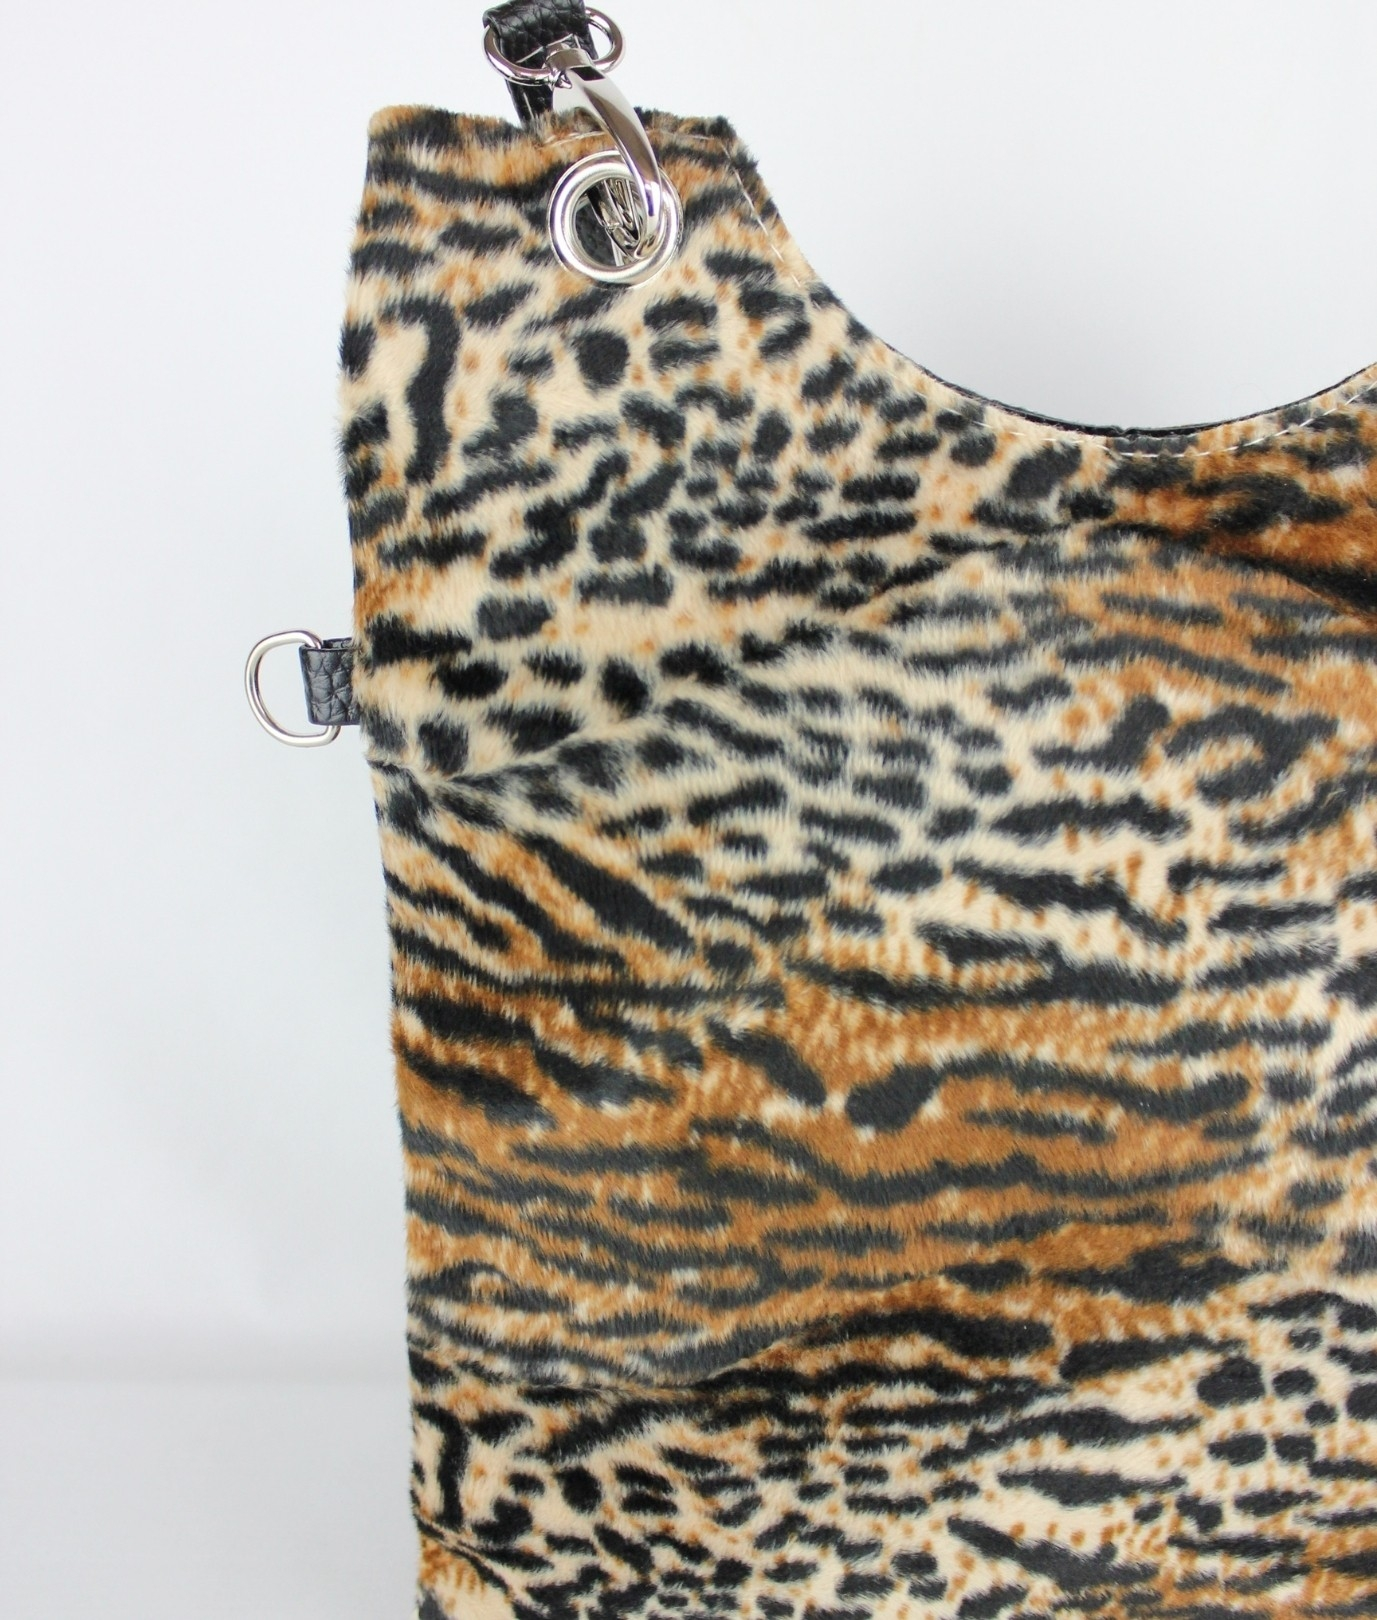 Sac Macau - Leopard AC